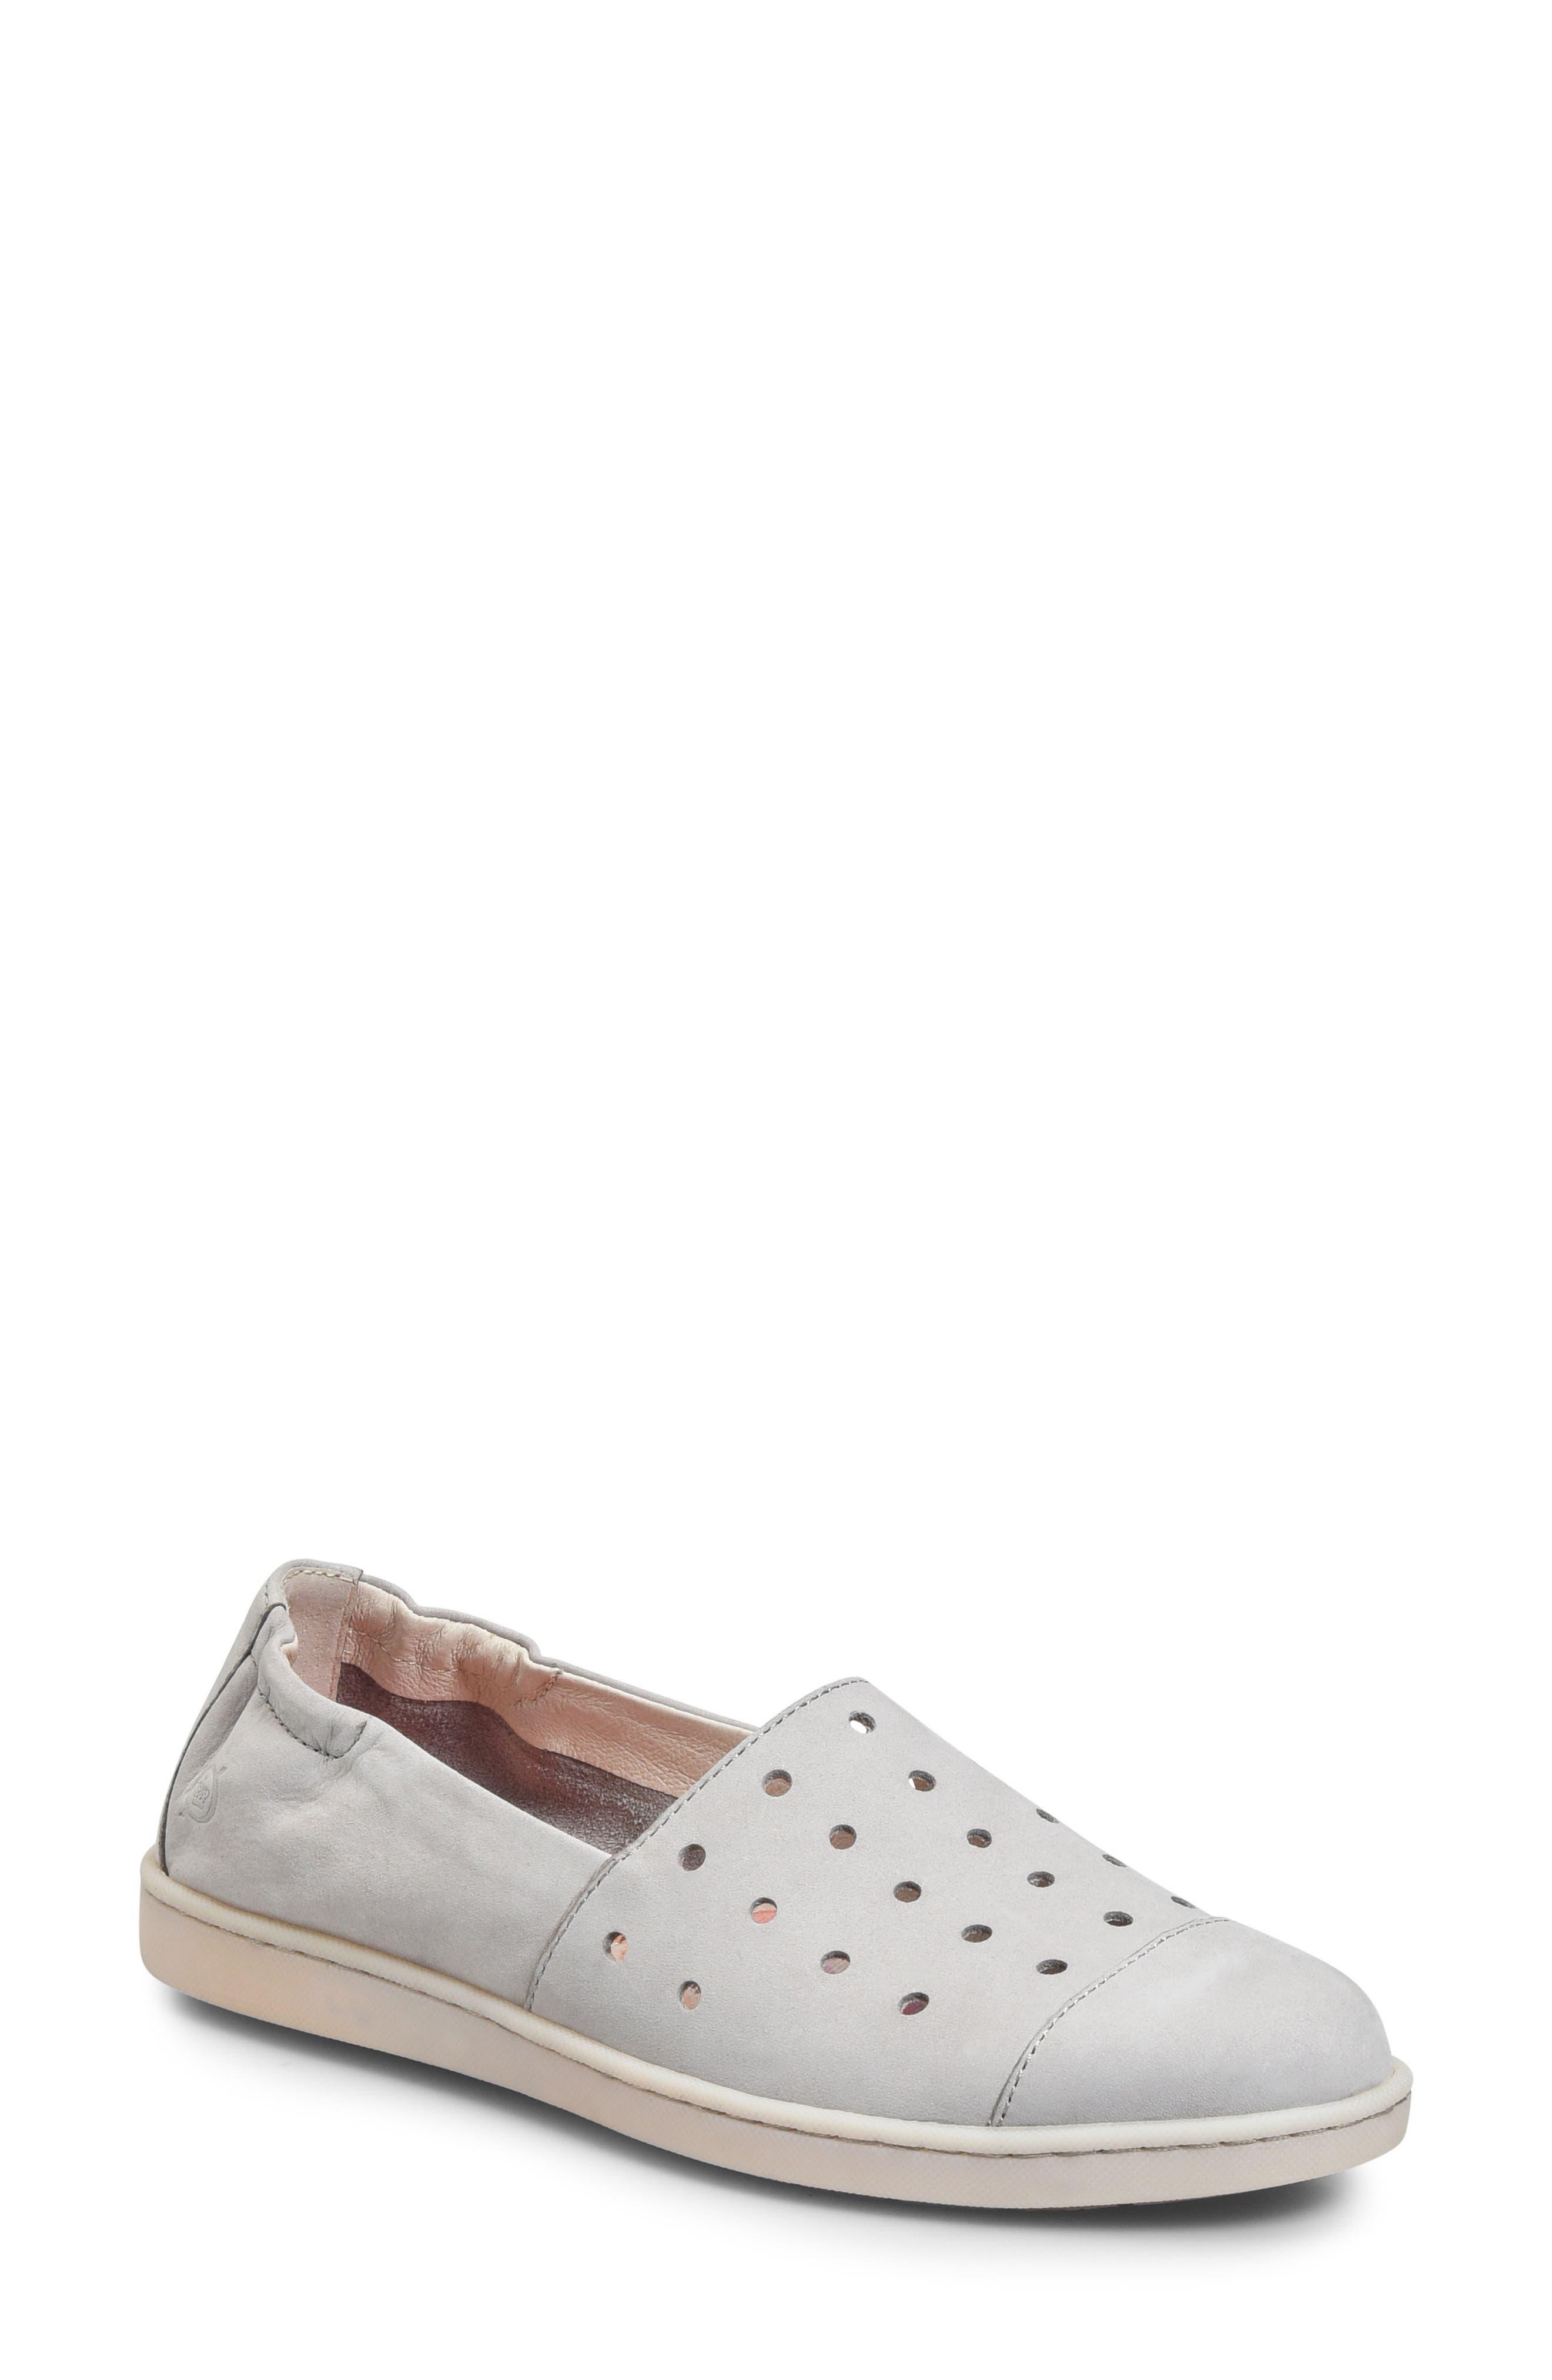 Kristin Sneaker,                             Main thumbnail 1, color,                             Light Grey Nubuck Leather